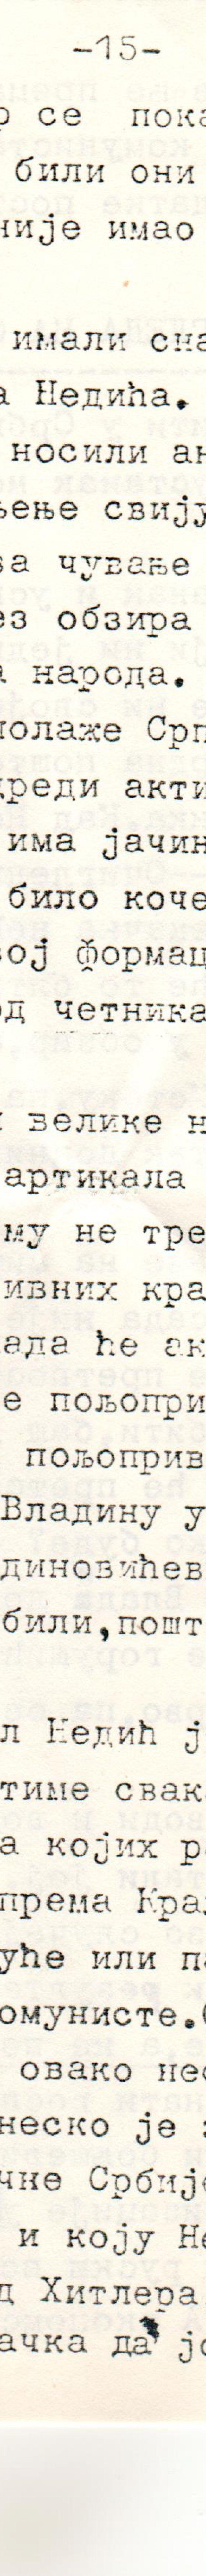 18.jpeg